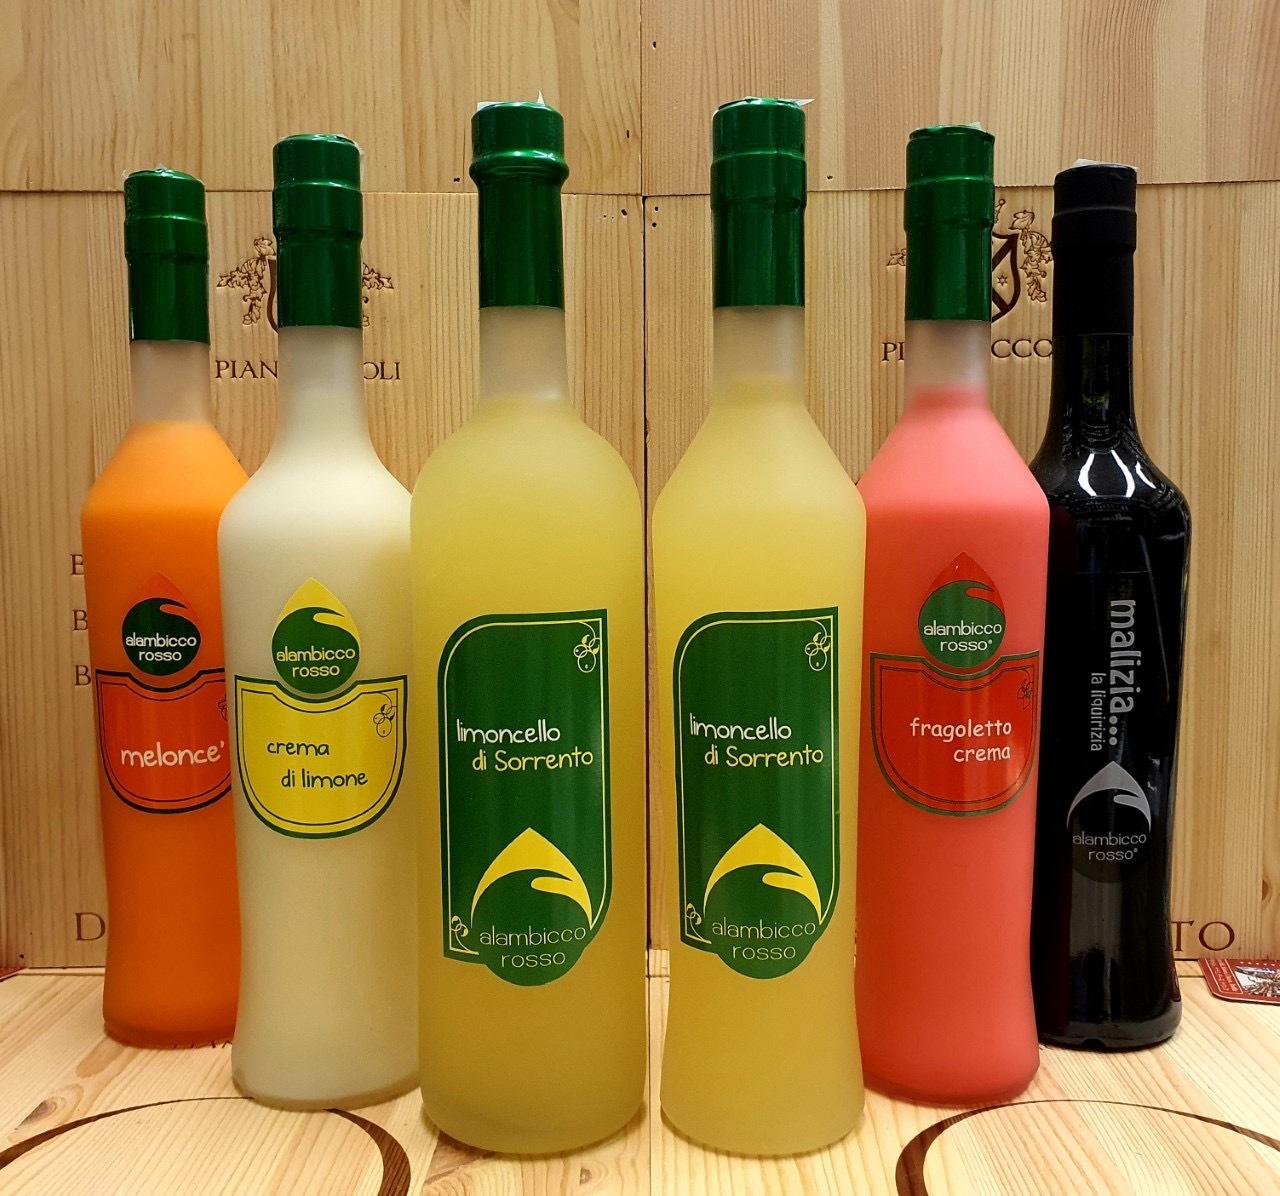 ワイン便の発送:スパークリングワイン、リモンチェッロ ecc._a0136671_23384316.jpeg